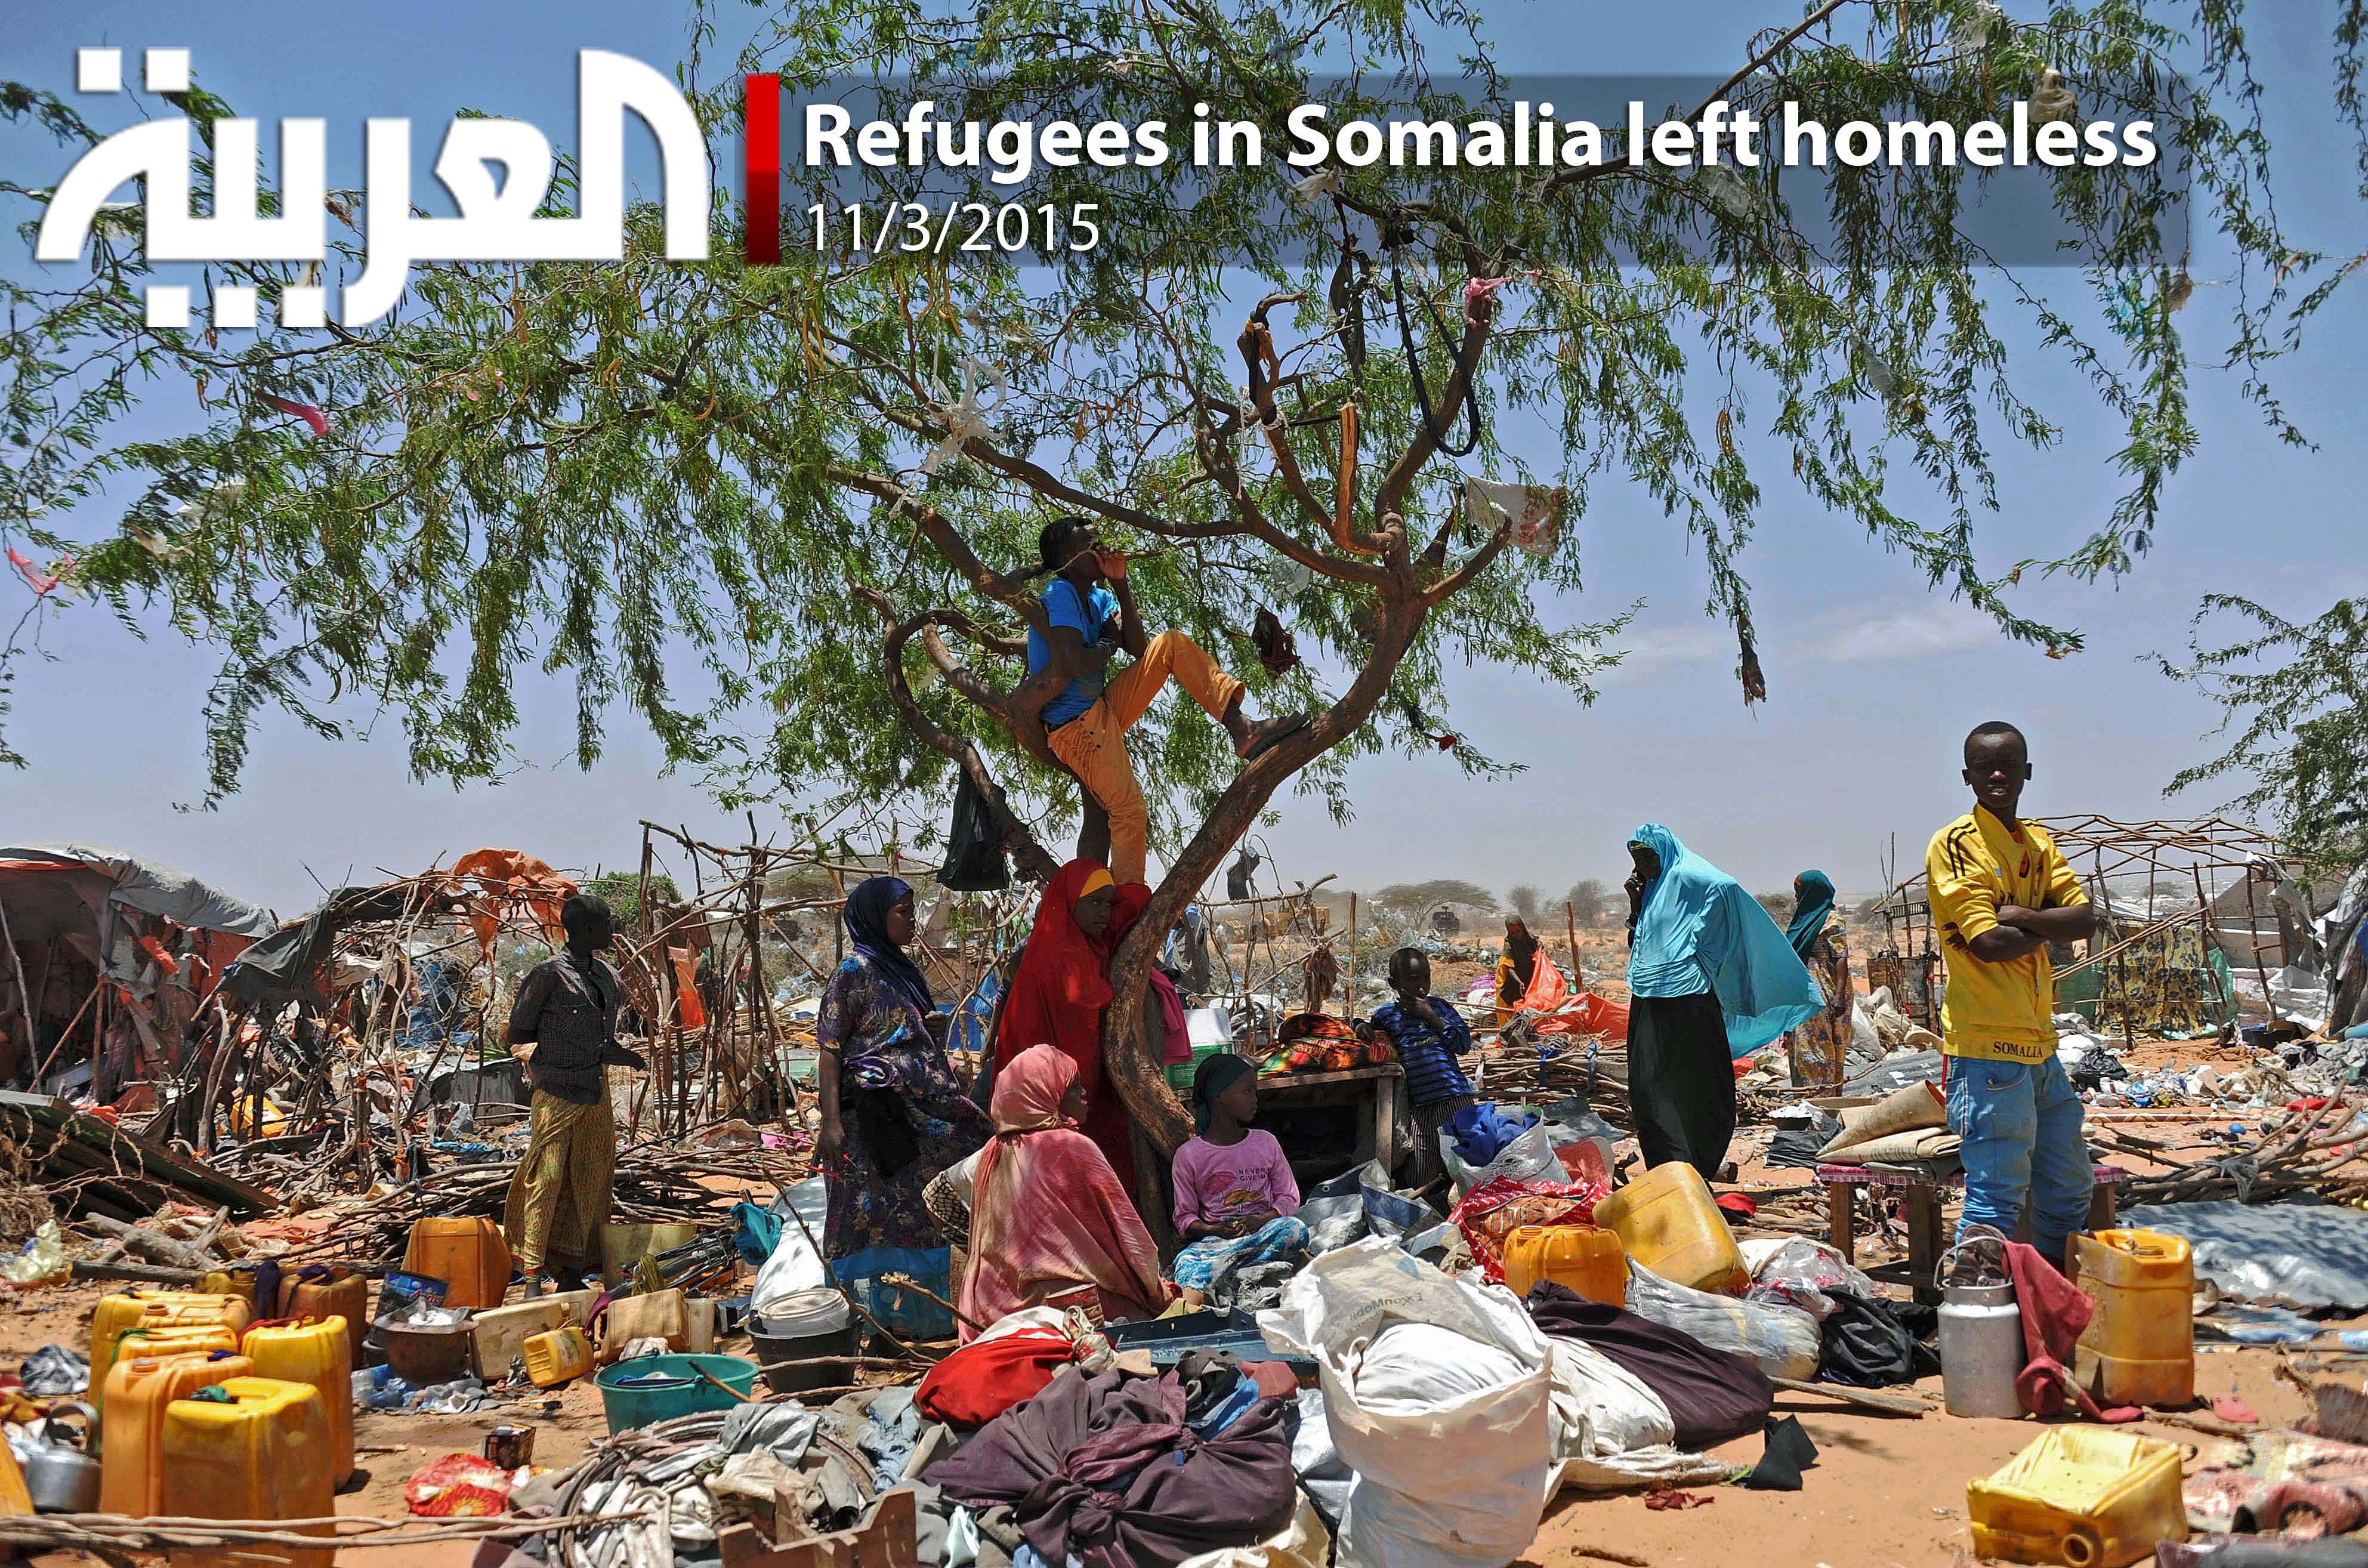 Refugees in Somalia left homeless